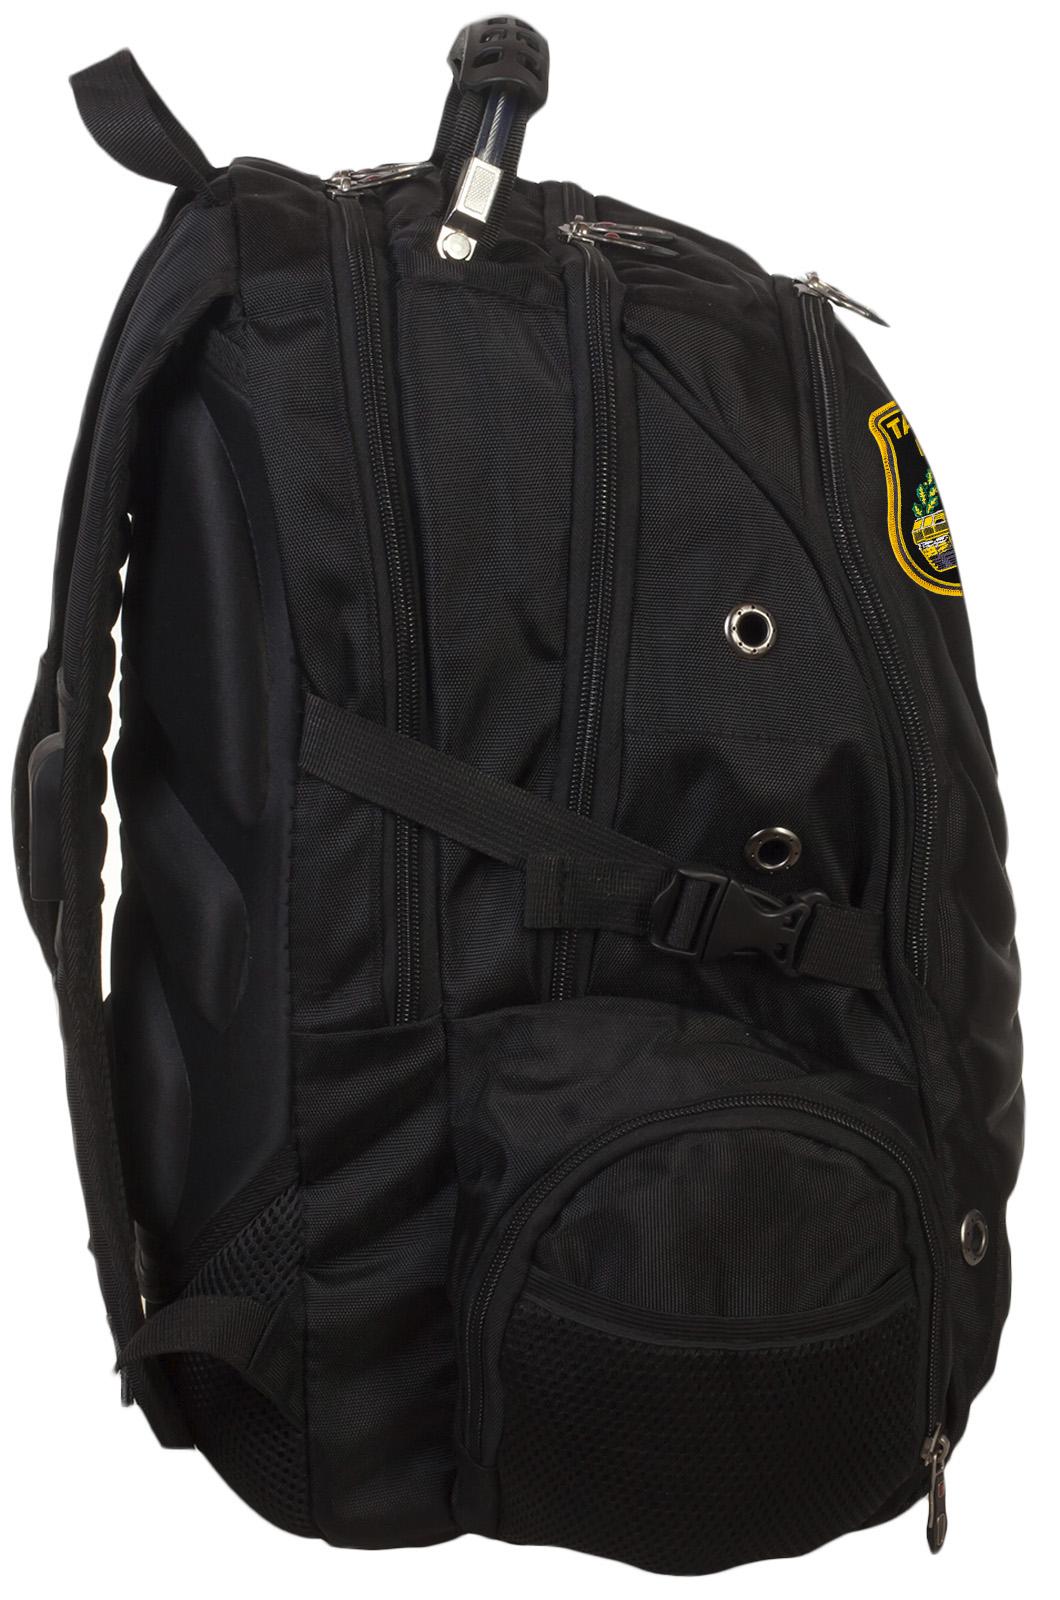 Практичный рюкзак с нашивкой Танковых войск купить выгодно